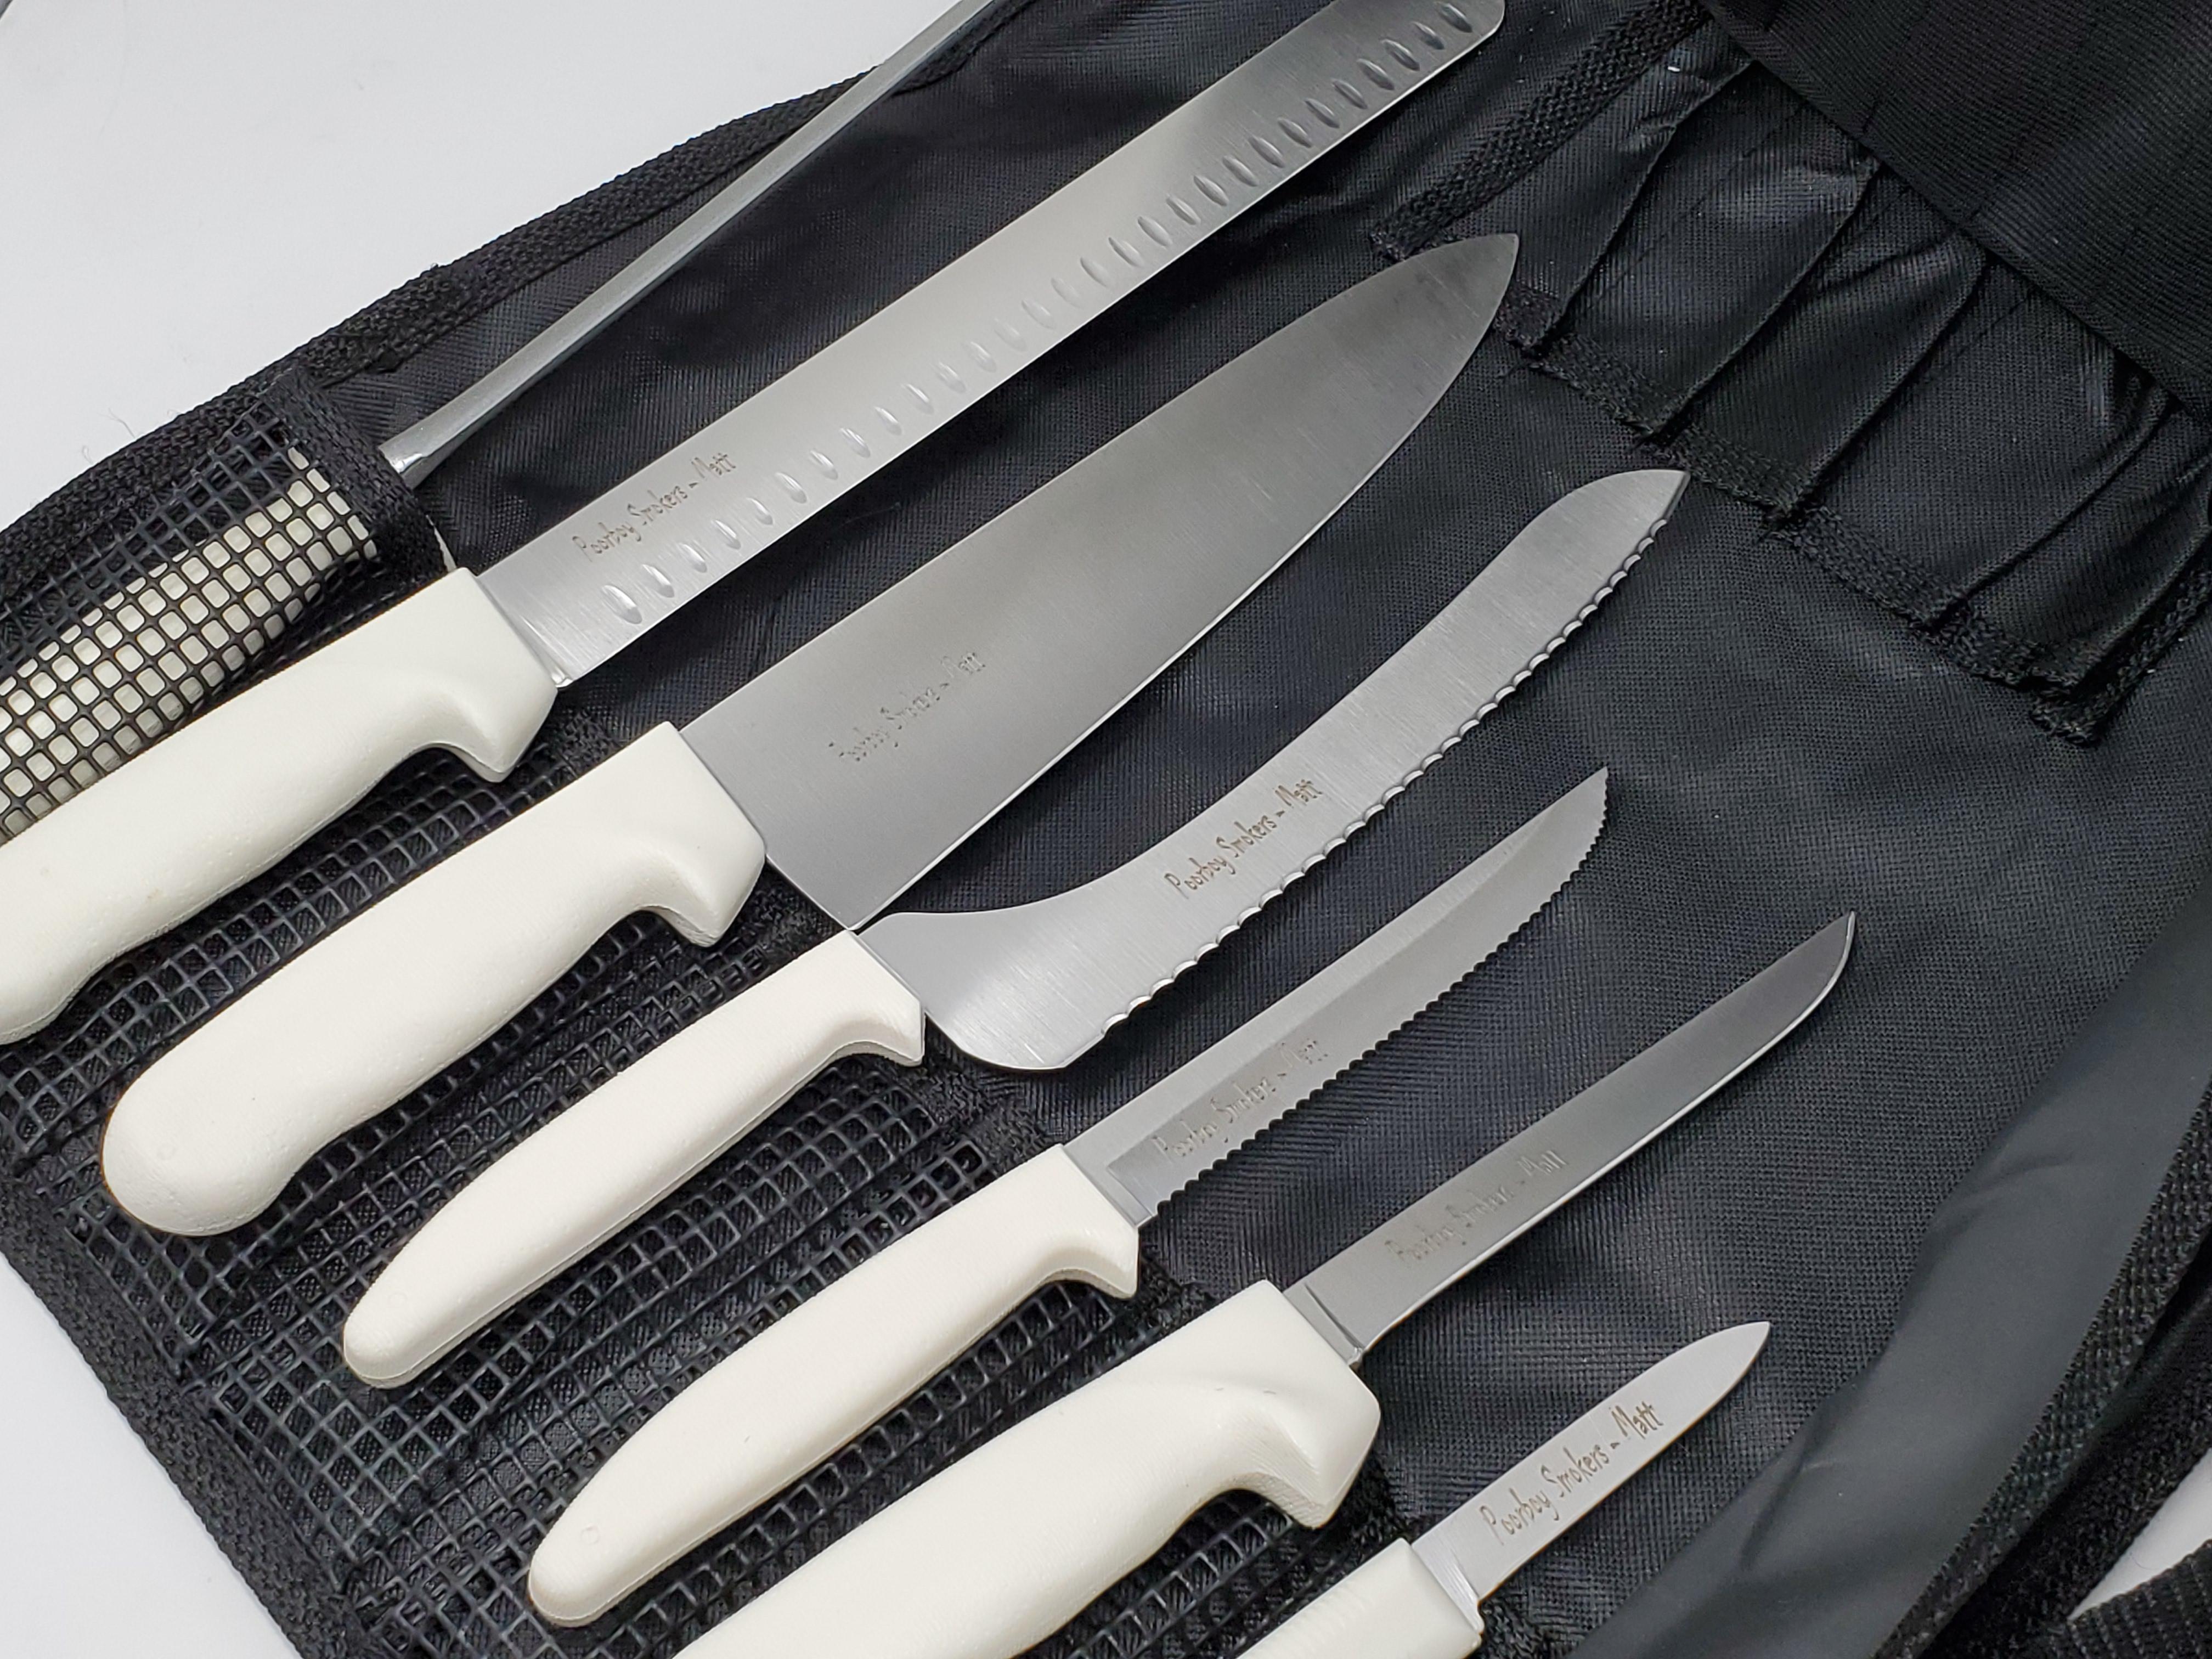 custom-engraved-dexter-knives-1-.jpg